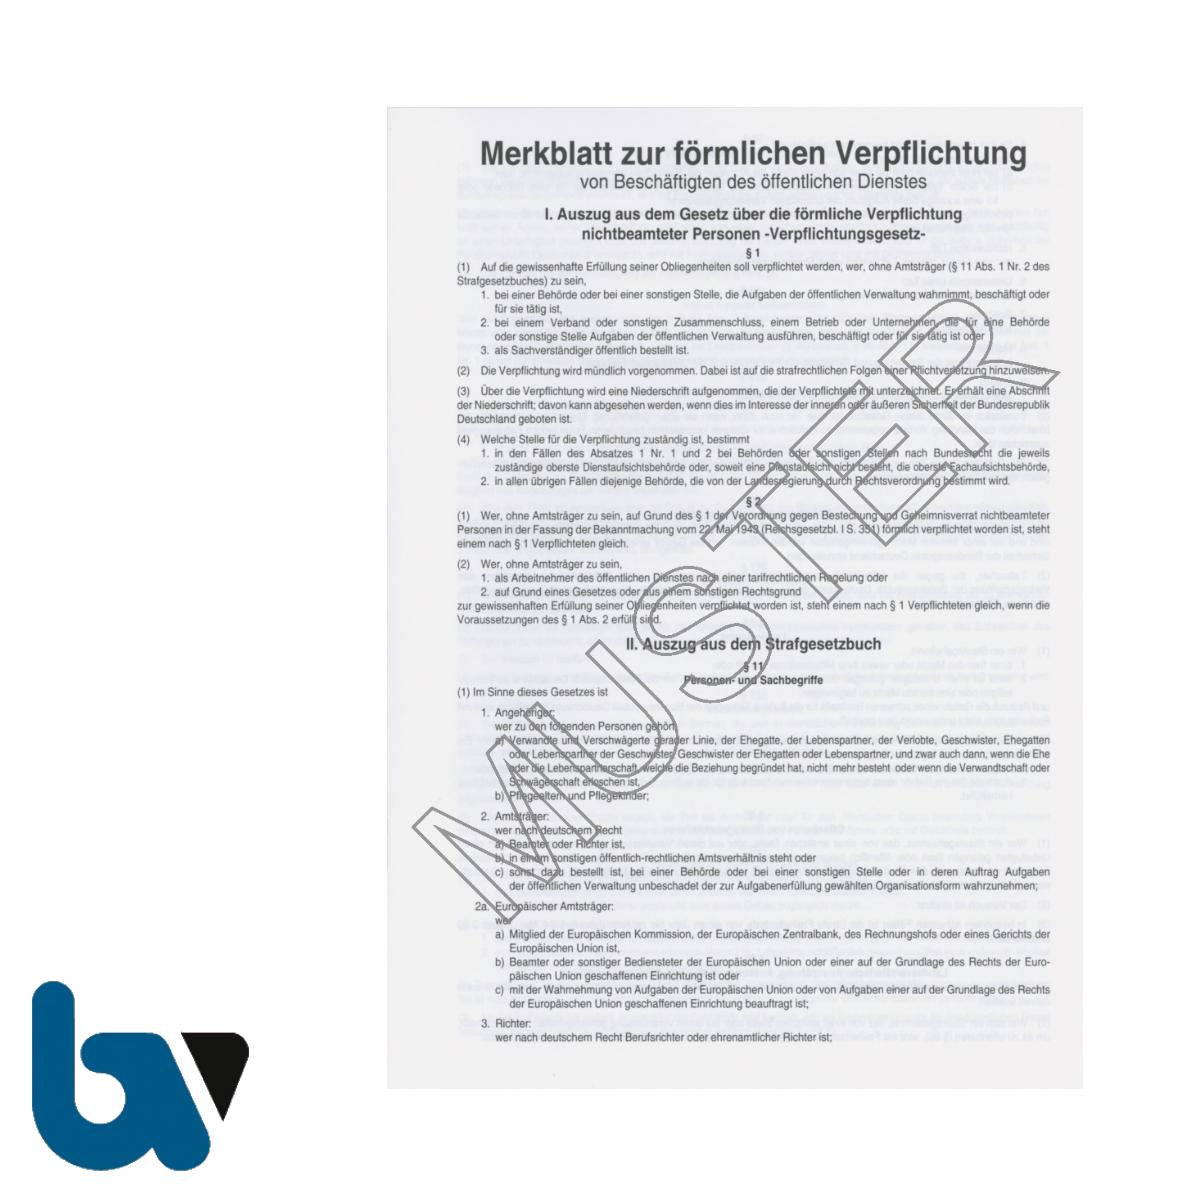 0/154-4 Merkblatt Förmliche Verpflichtung Beschäftigte Öffentlich Dienst Verpflichtungsgesetz Strafgesetzbuch Heft DIN A5 Seite 2 | Borgard Verlag GmbH